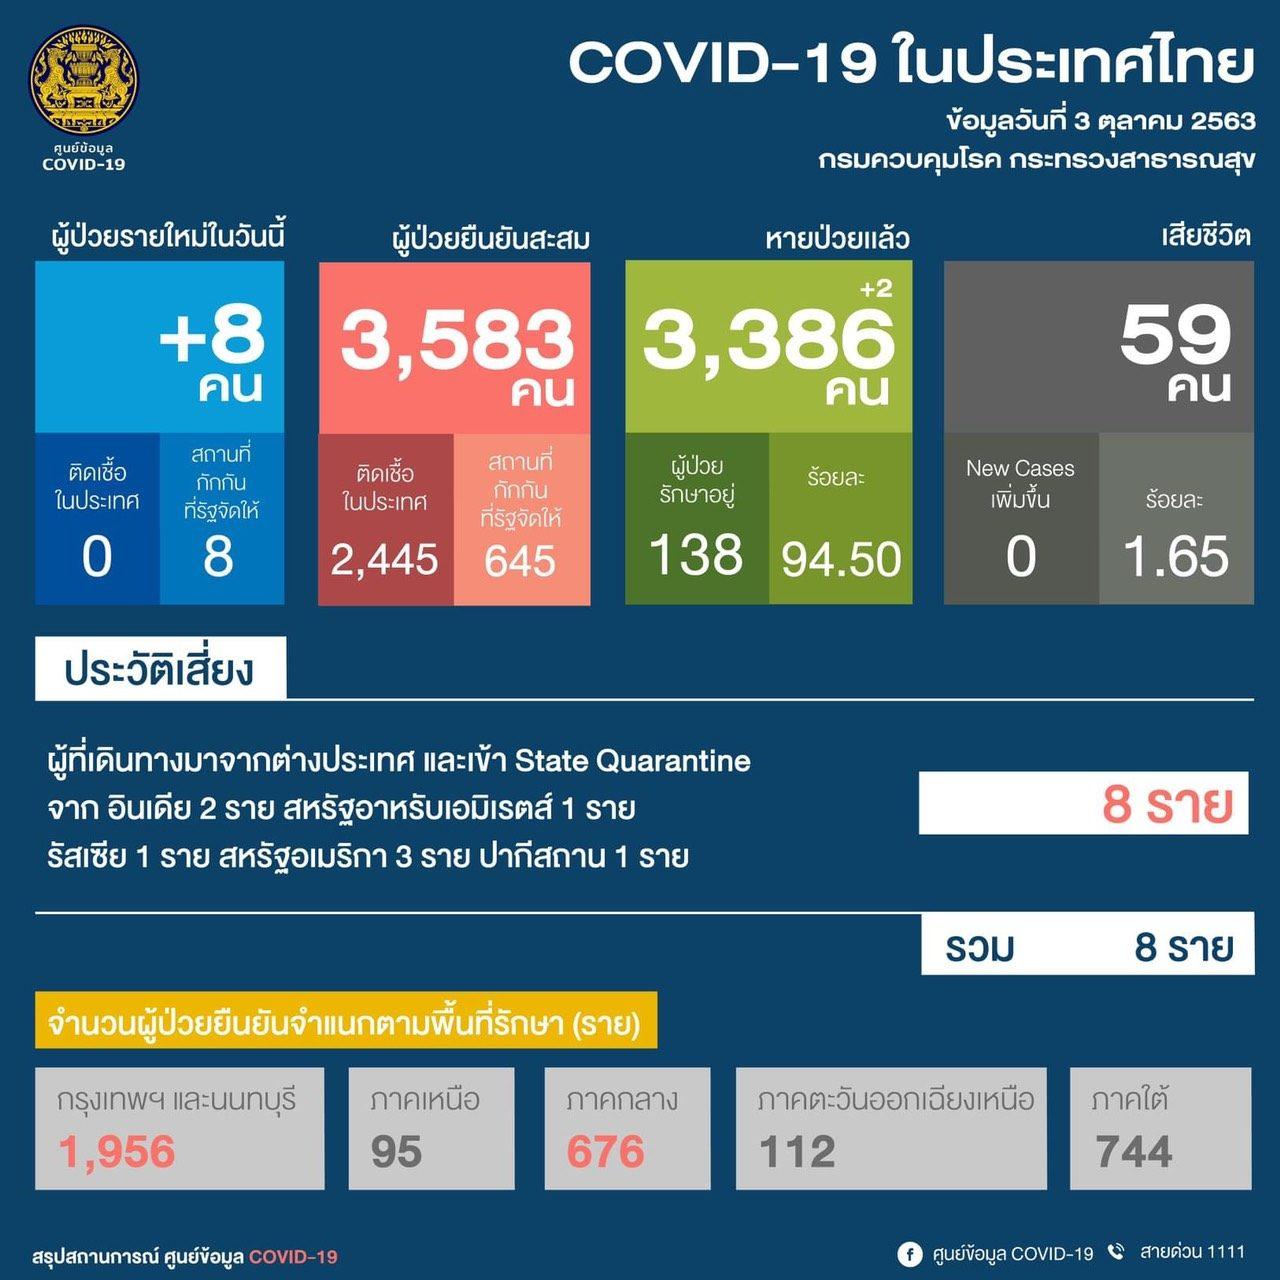 วันนี้! ไทยป่วยโควิด-19 อีก 8 ราย มาจาก 5 ประเทศ ยอดสะสม 3,583 ราย